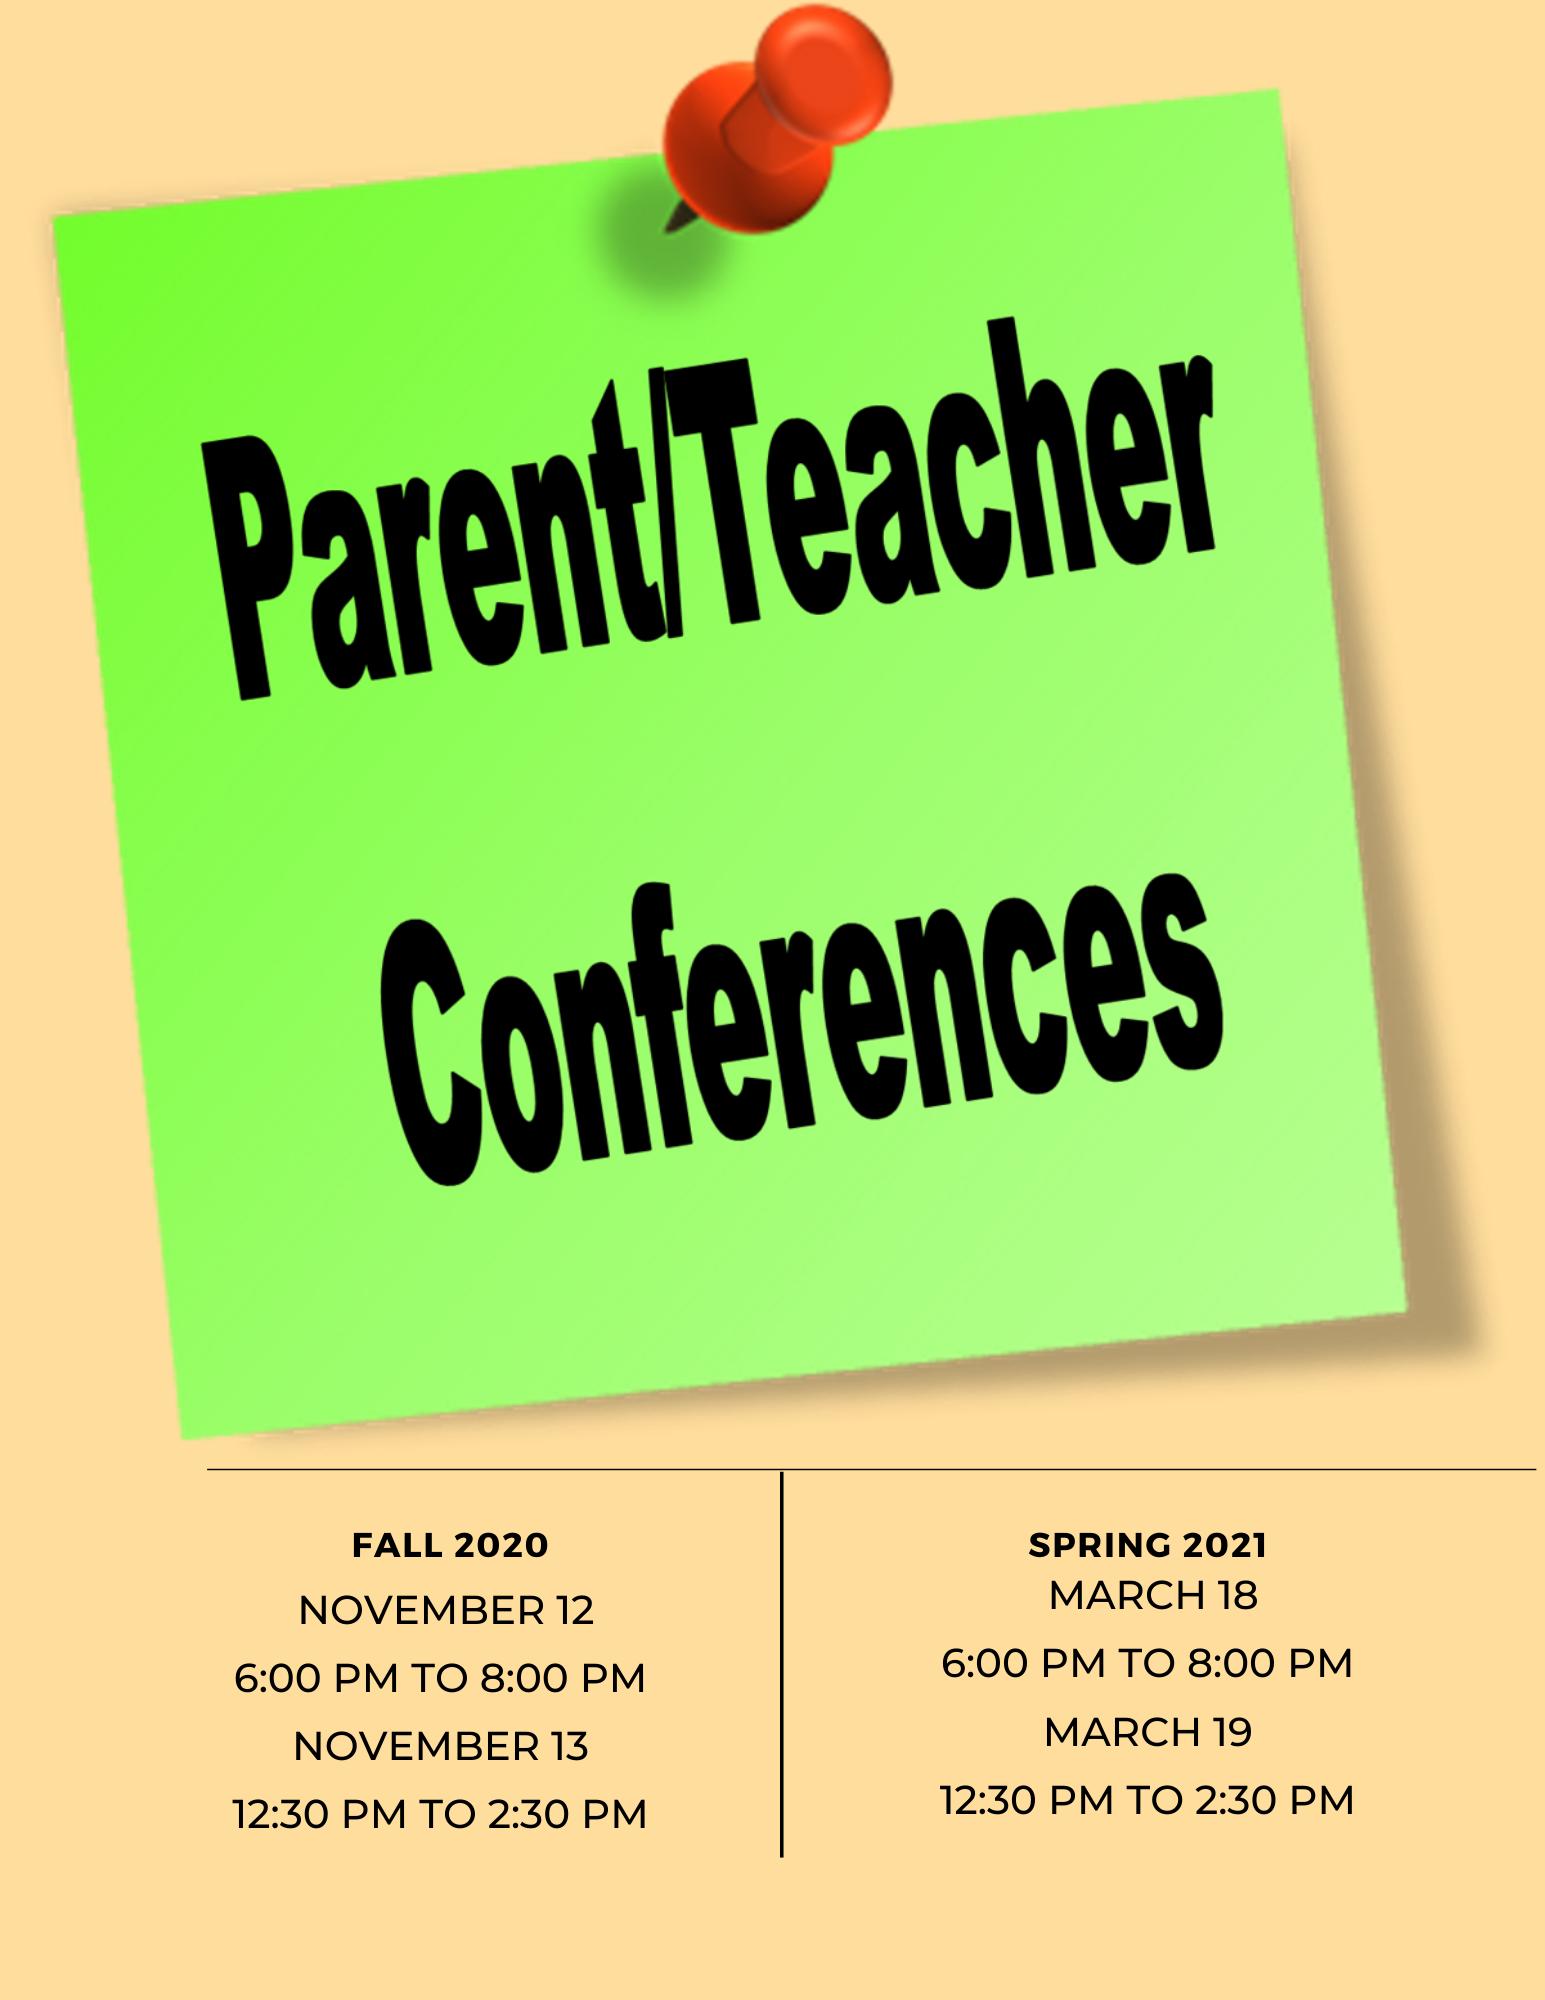 PARENT-TEACHER CONFERENCE DATES